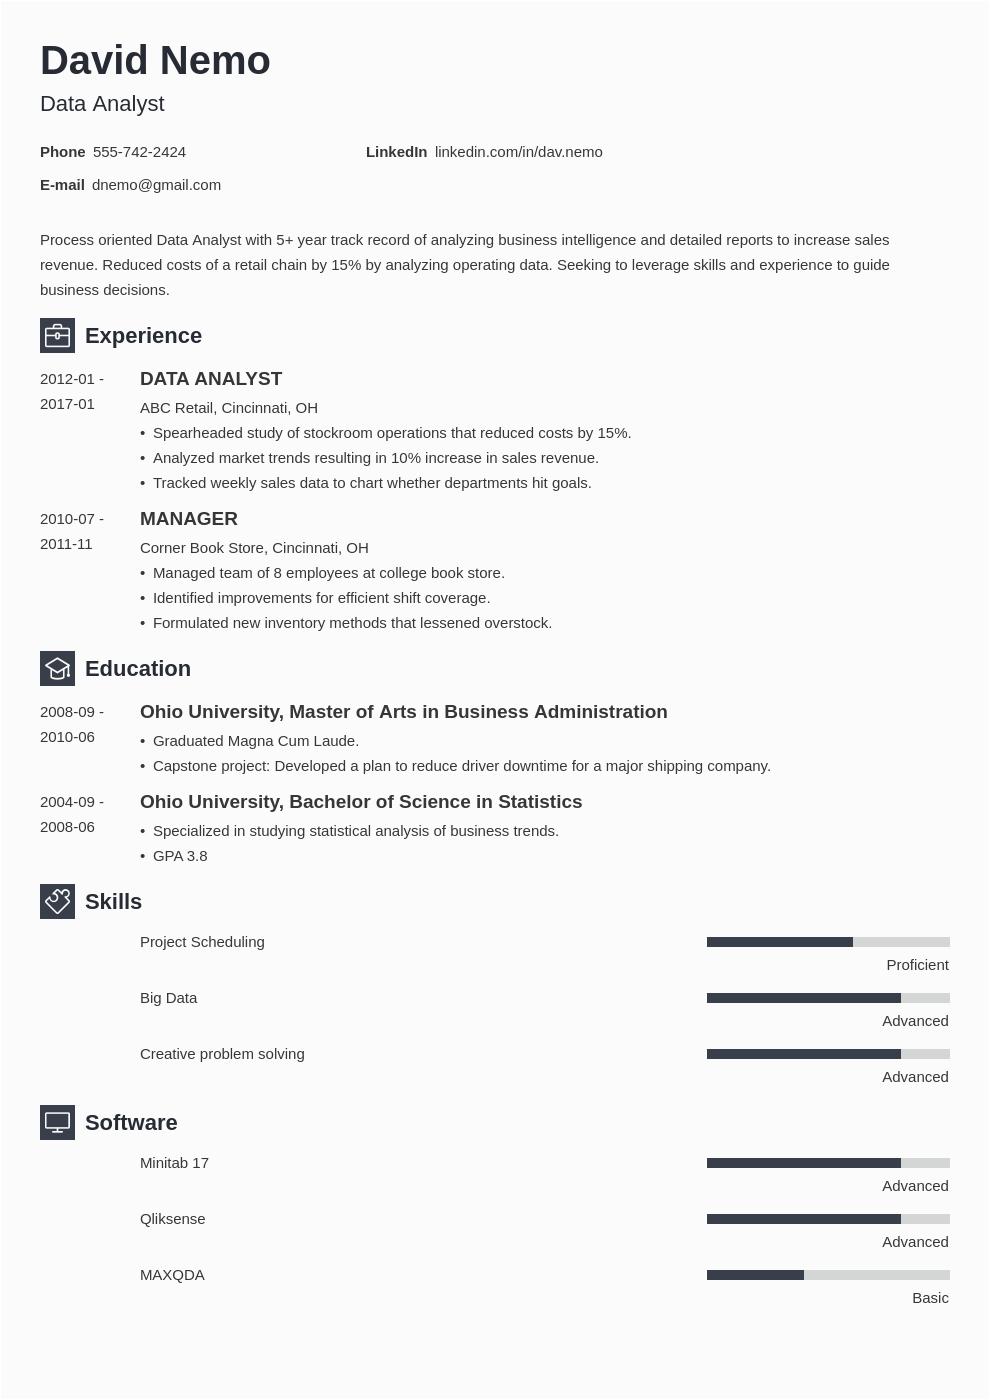 resume for data analyst fresher